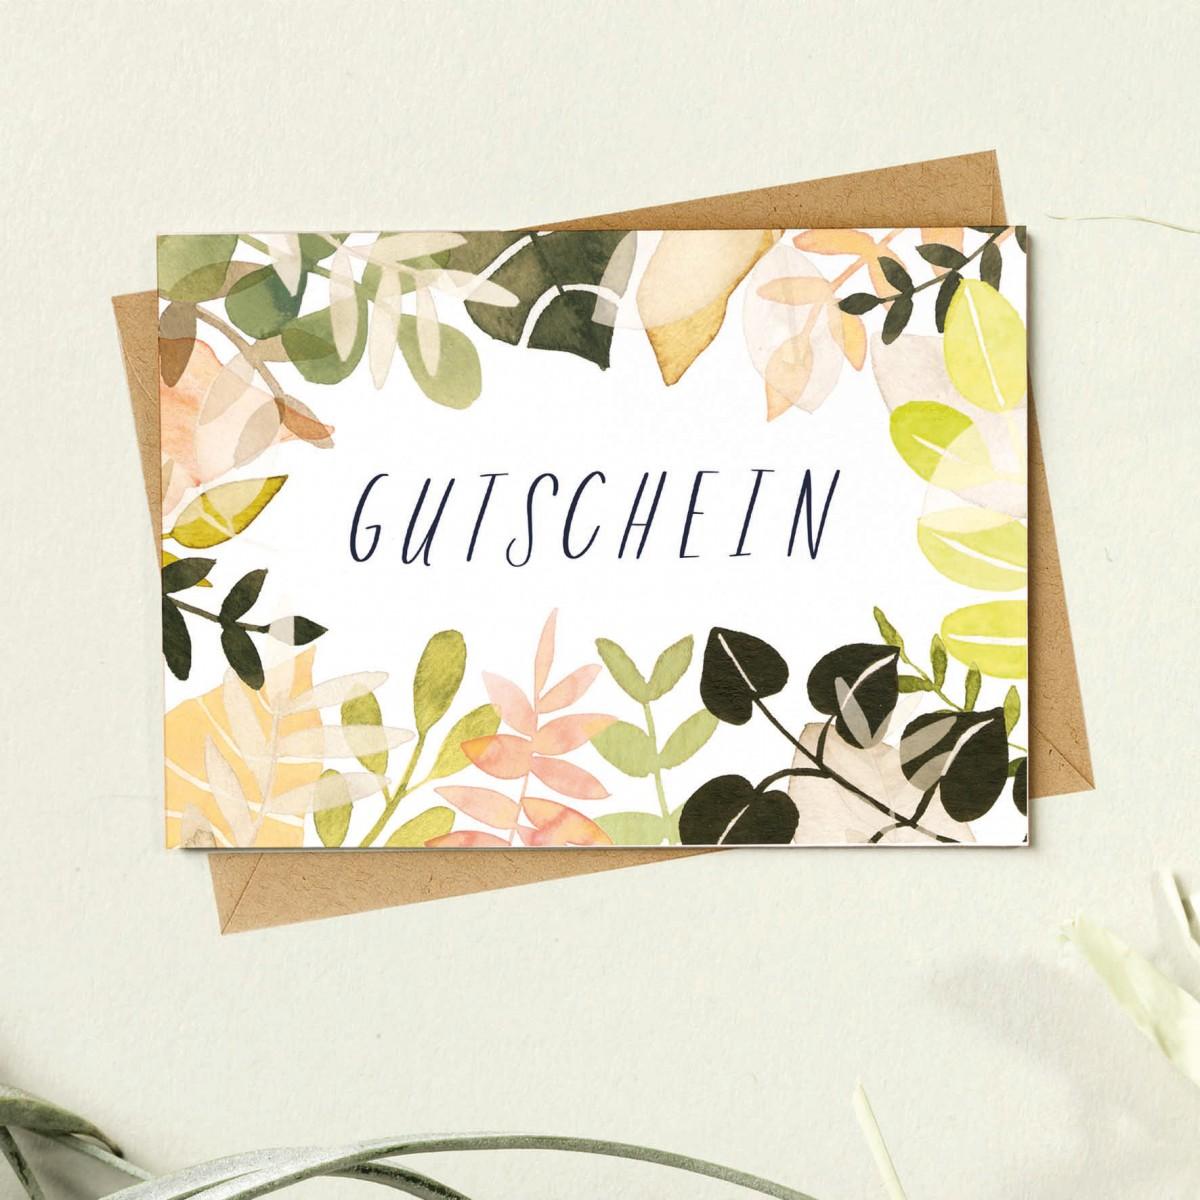 Paperlandscape | Faltkarte | Gutschein | Pflanzen | Blätter | bunt | verschiedene Farben